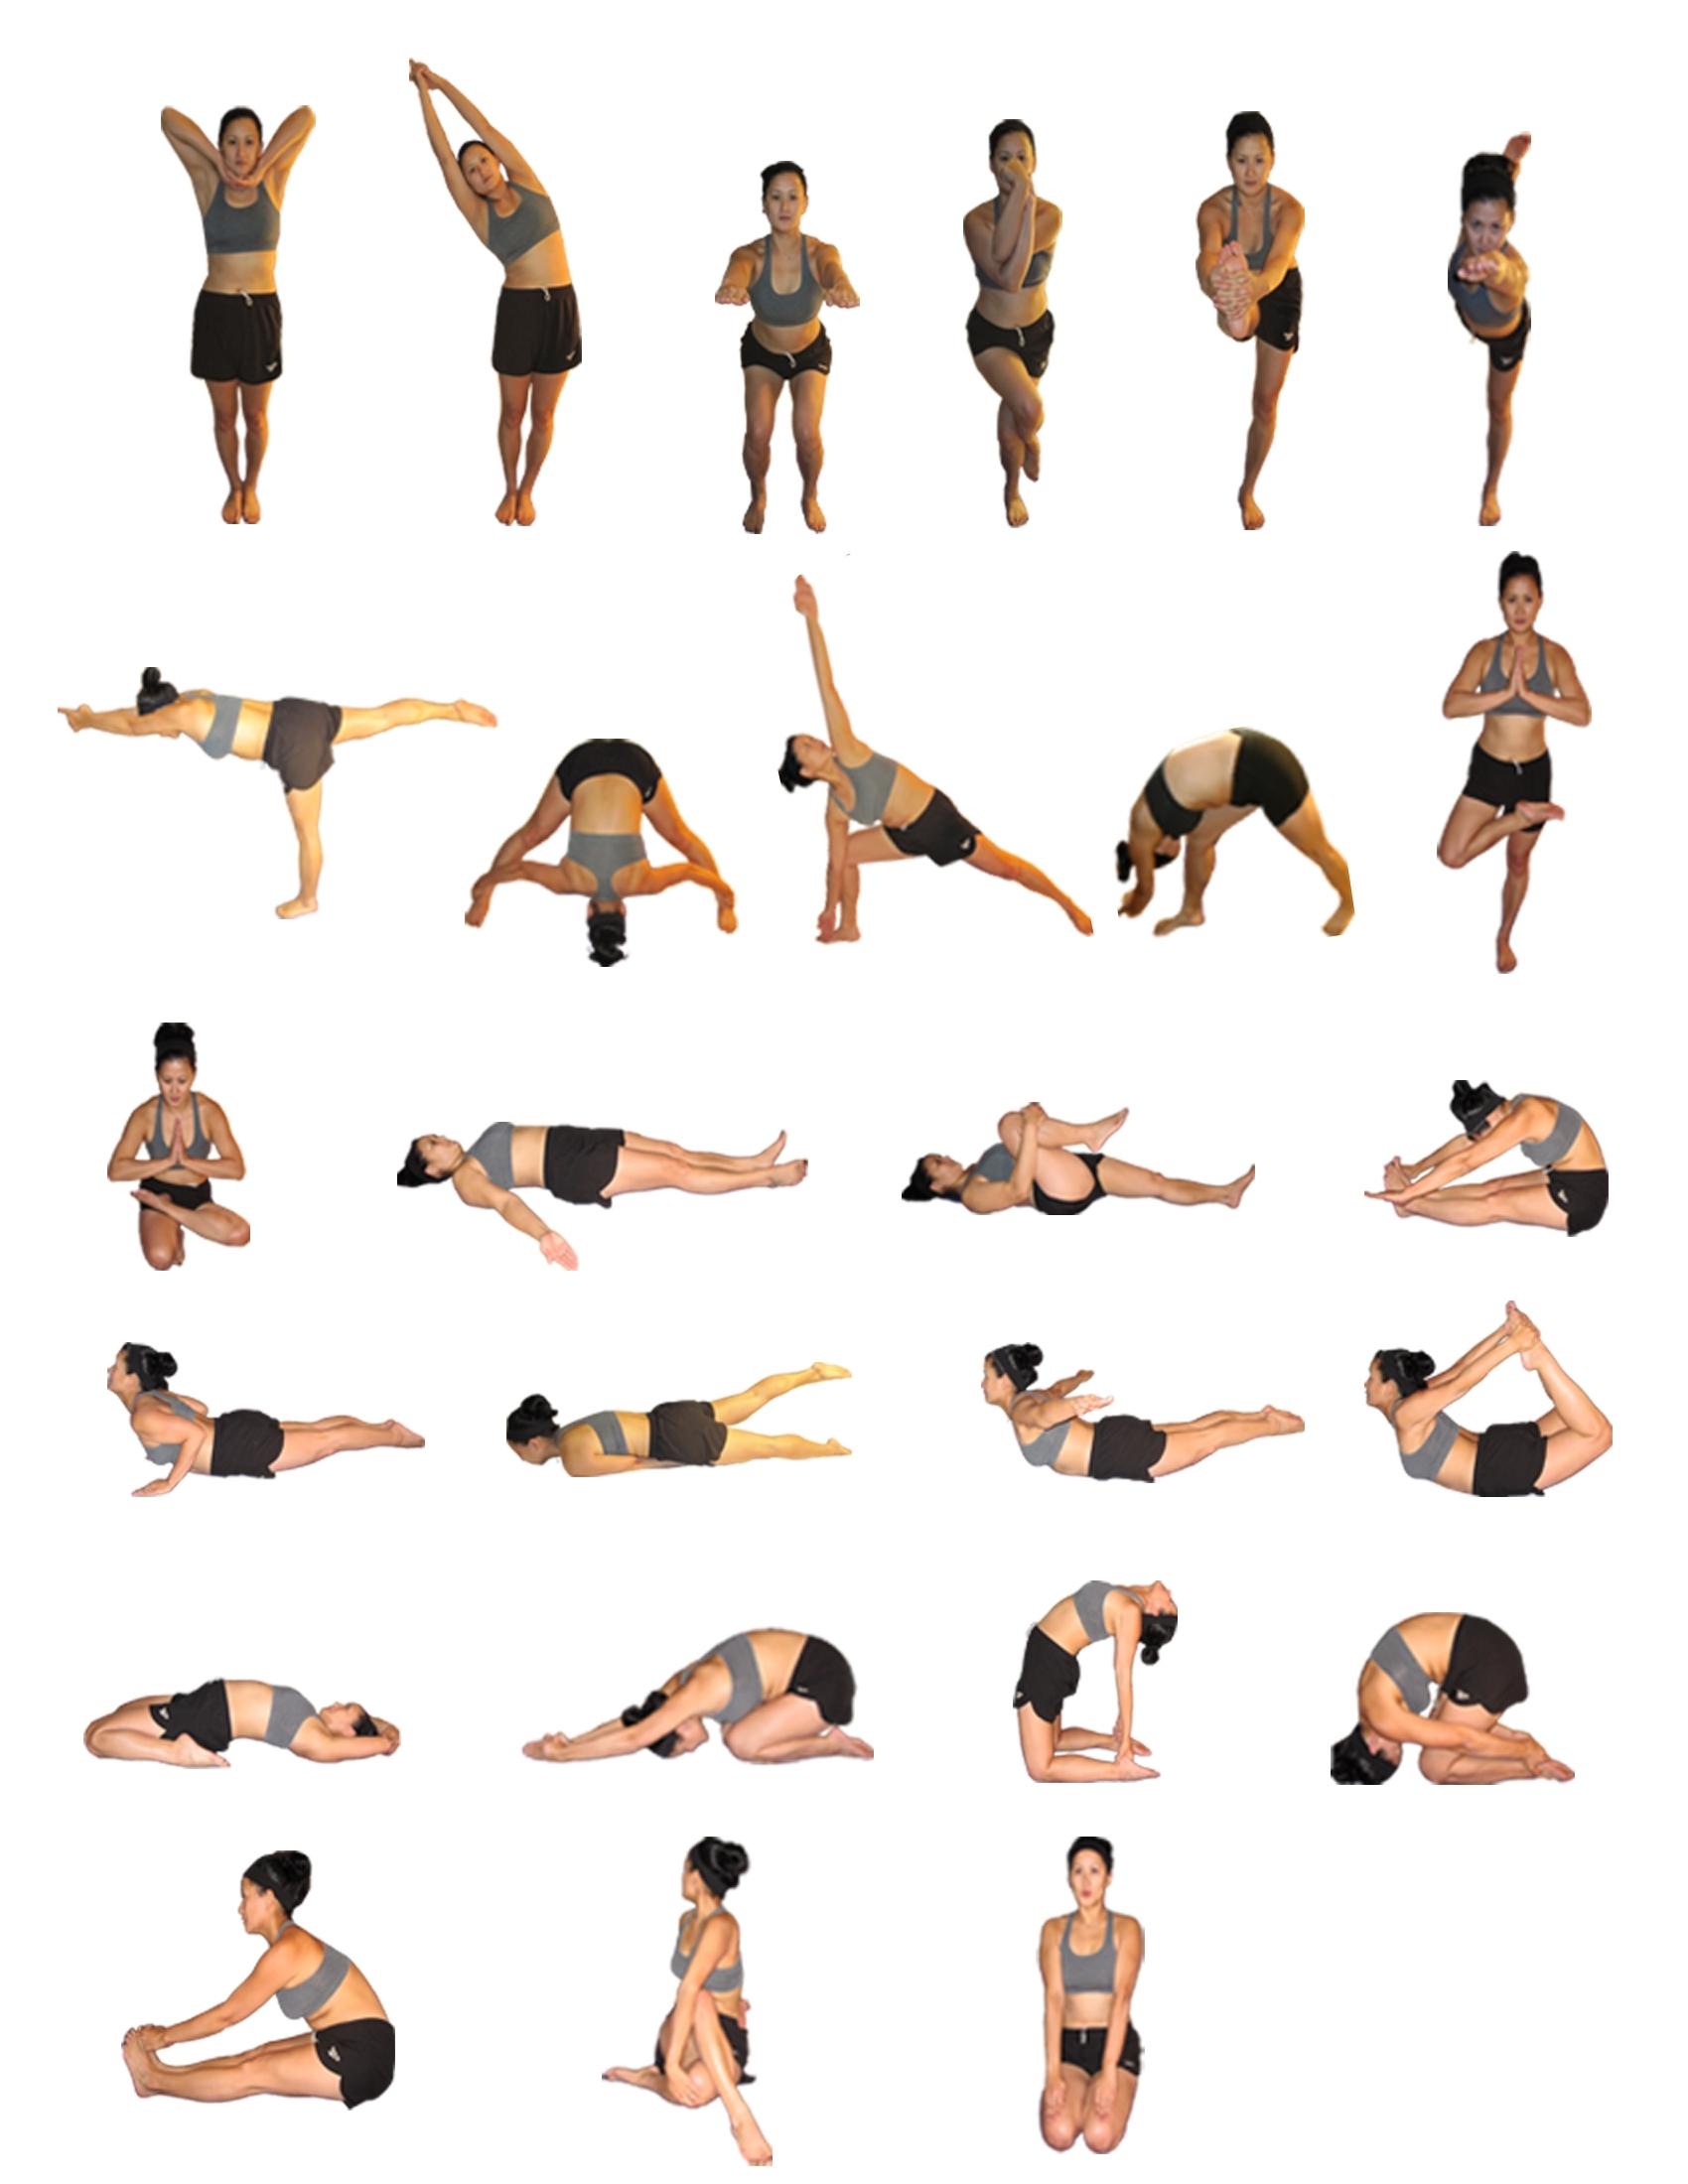 peut perdre du poids en faisant du yoga chaud